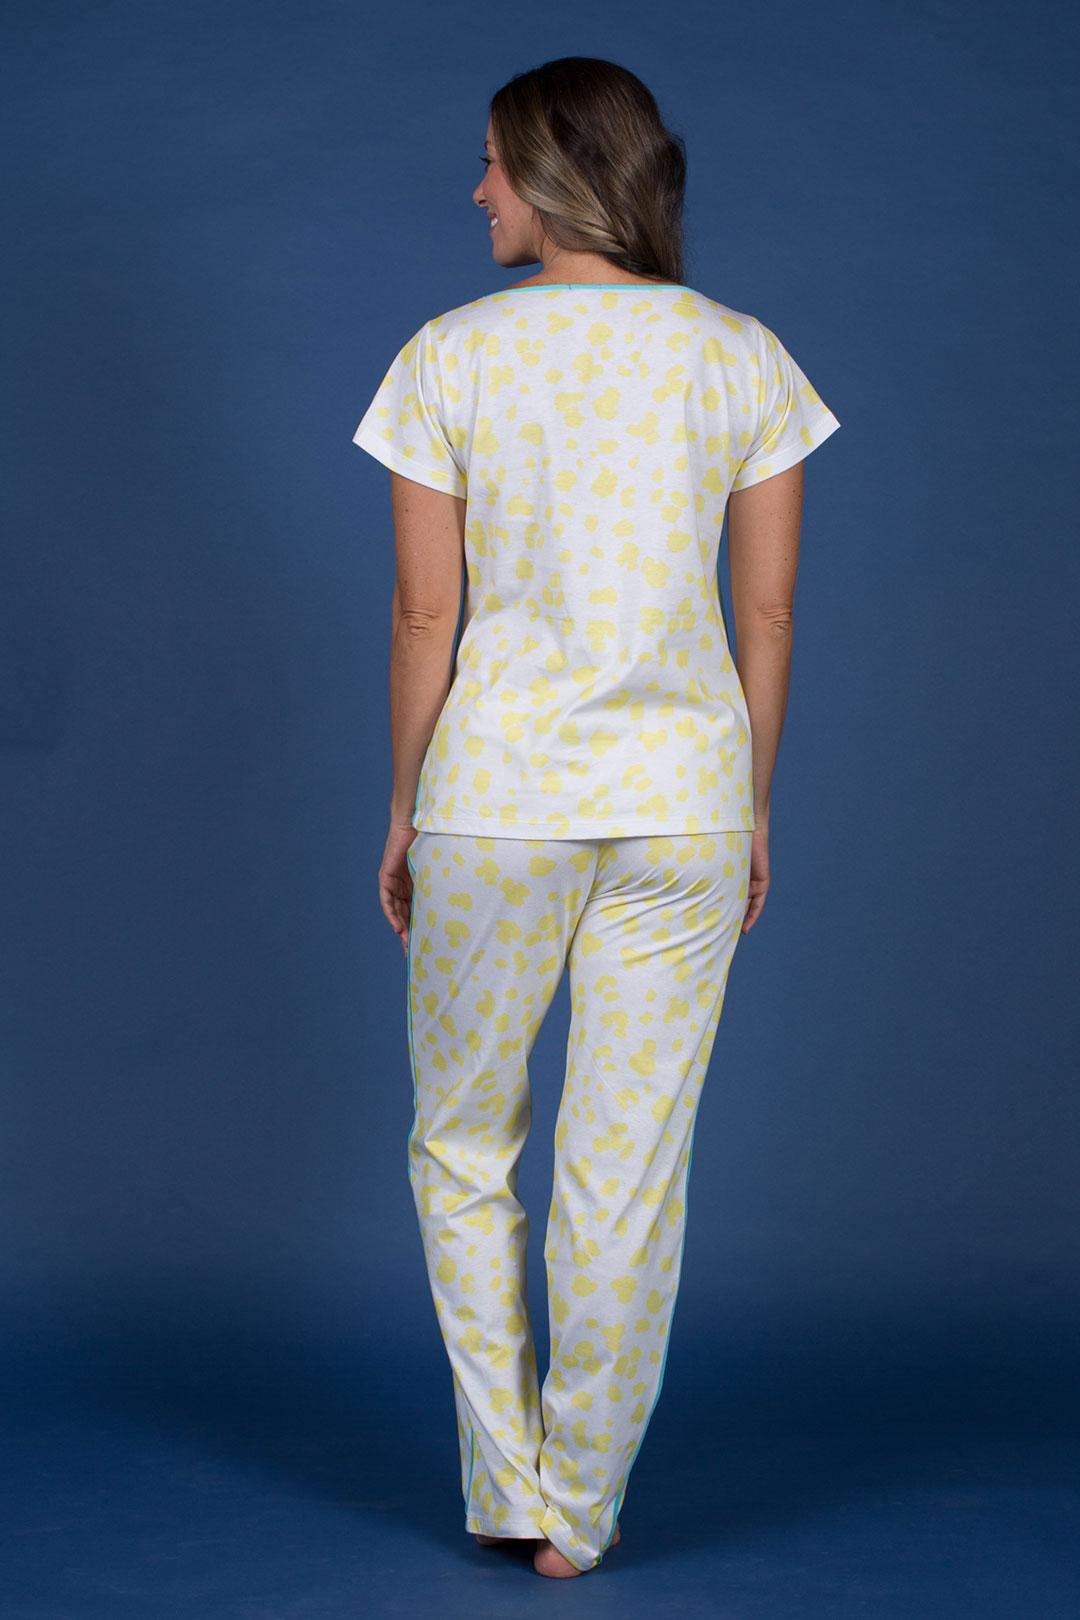 Pijama Manga Curta e Estampa Amarela